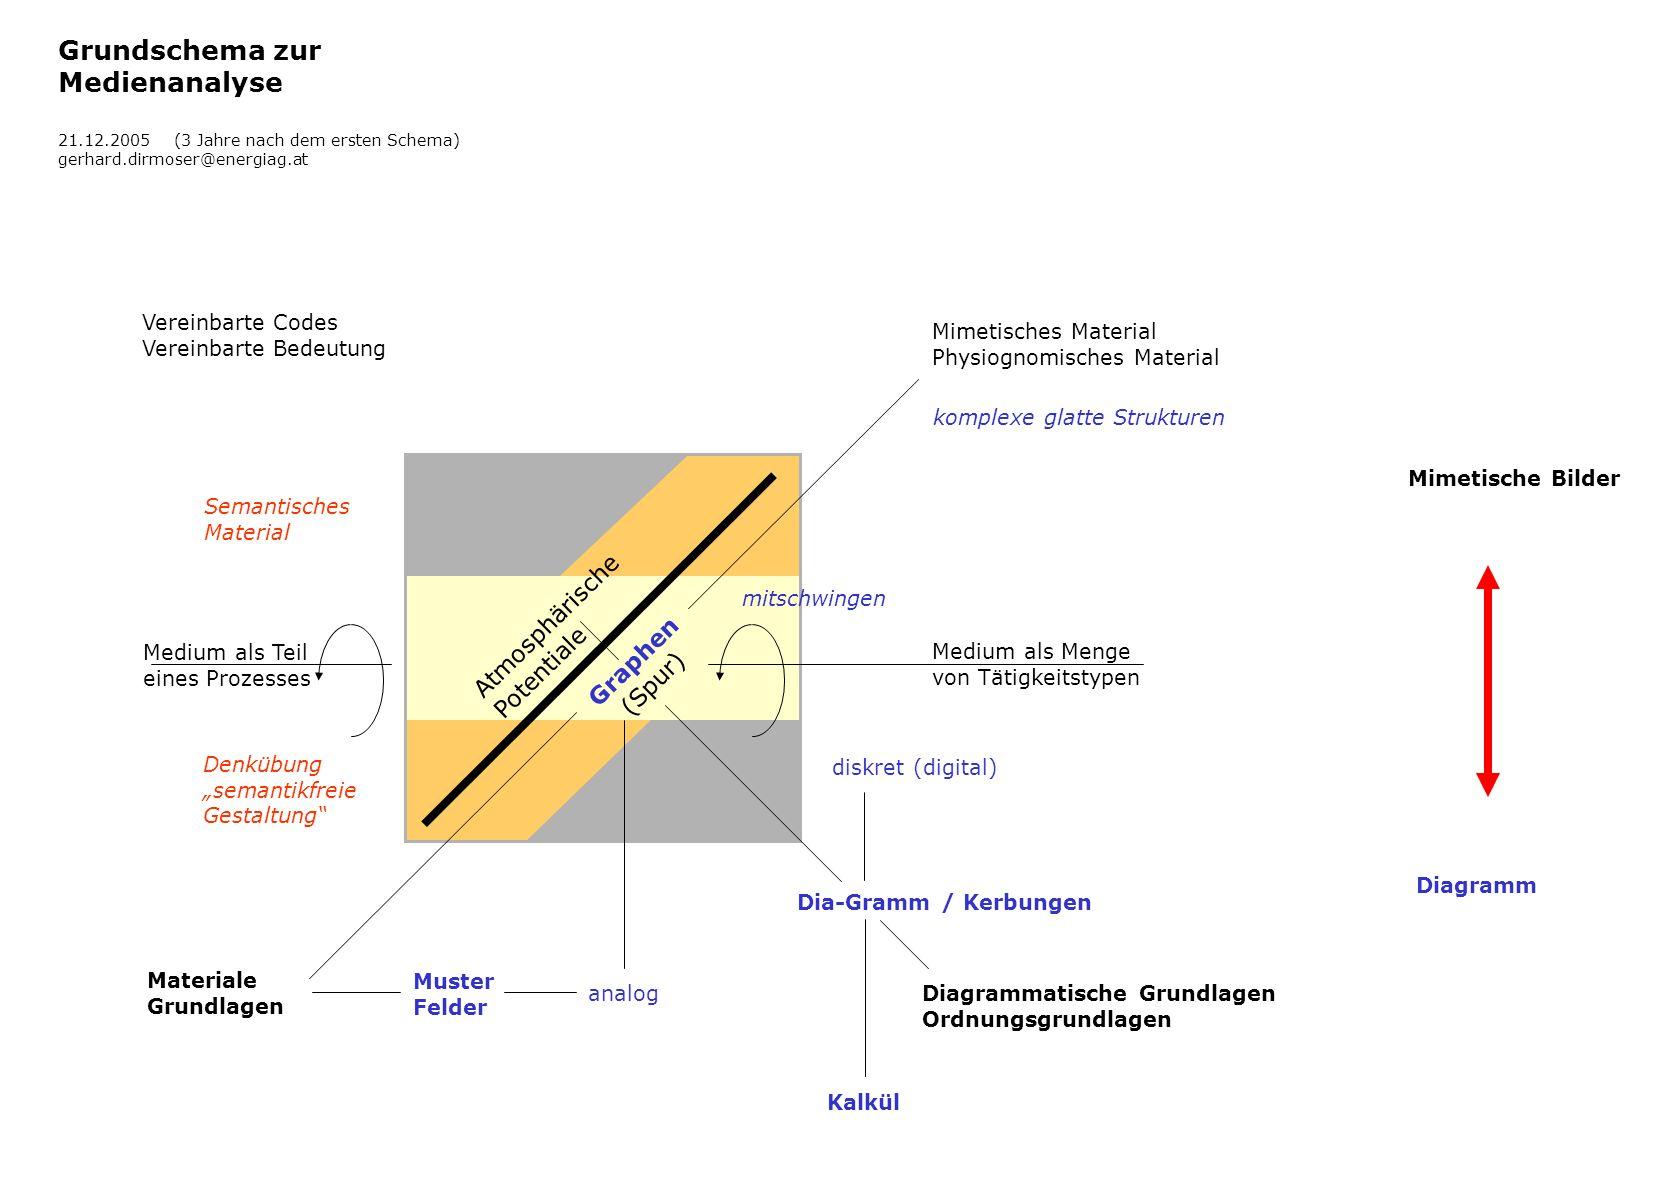 Diagrammatische Grundlagen Ordnungsgrundlagen Materiale Grundlagen Vereinbarte Codes Vereinbarte Bedeutung Mimetisches Material Physiognomisches Mater